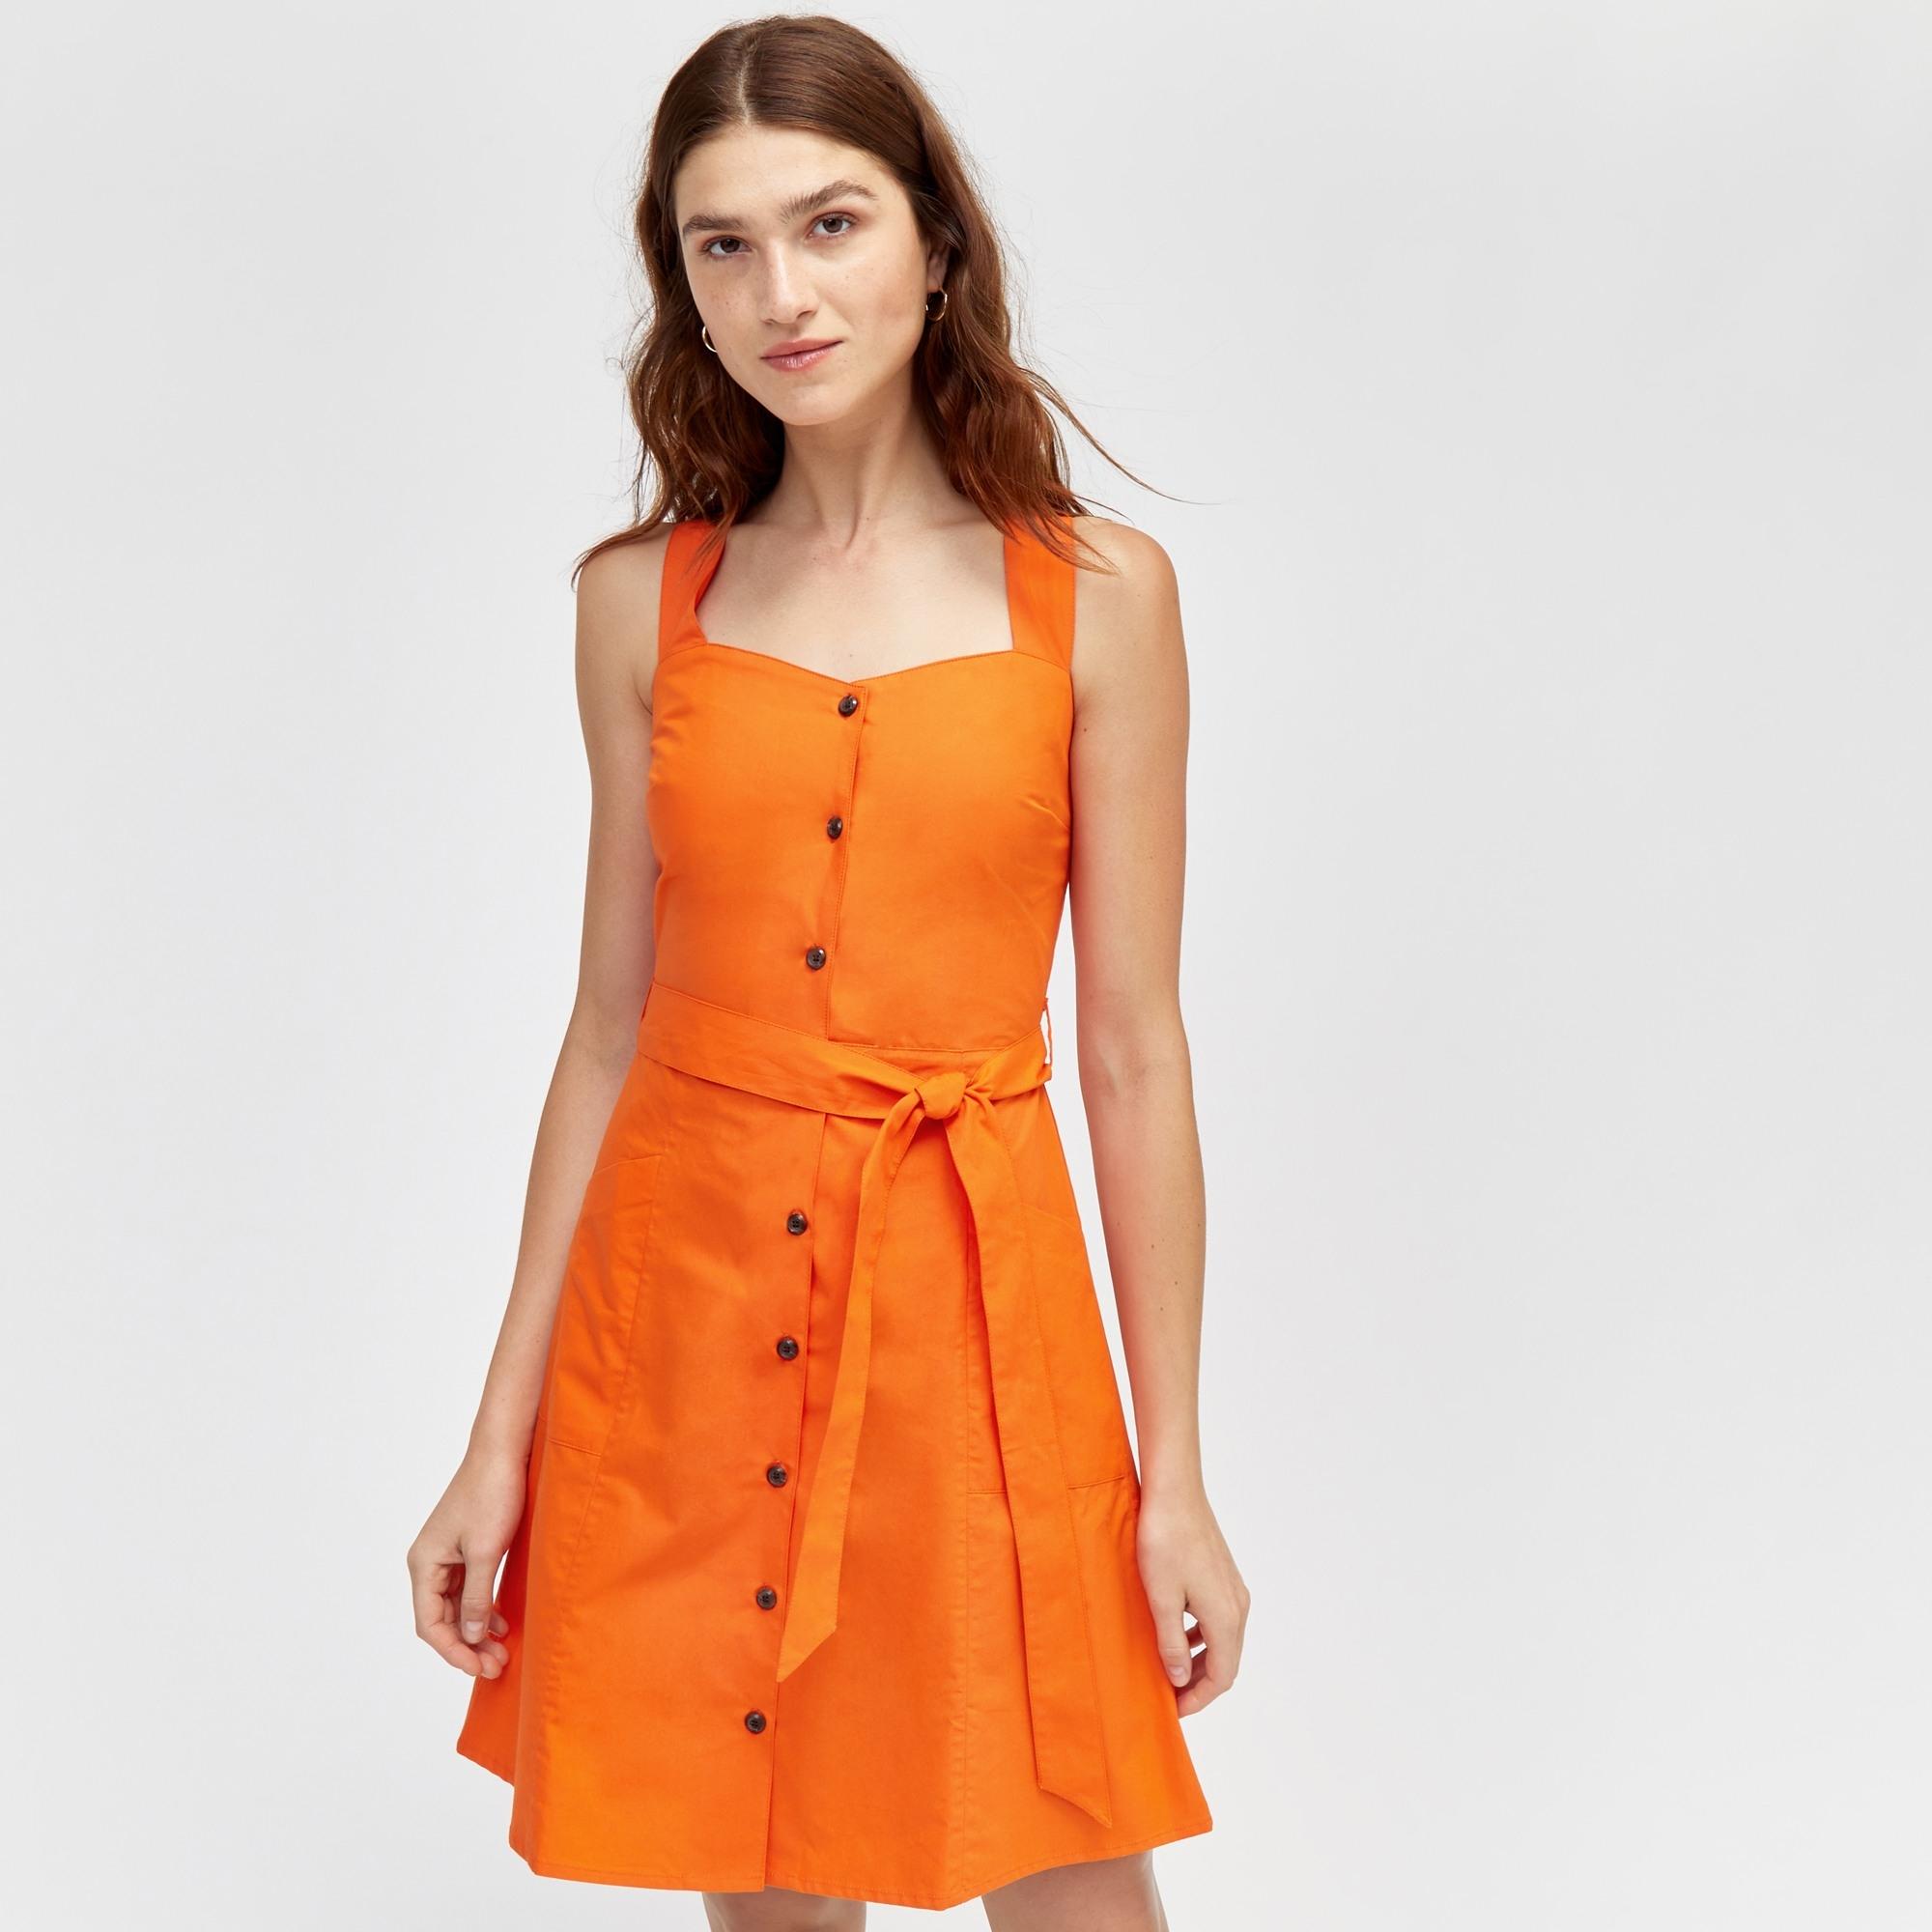 15 Genial Kurzes Kleid für 2019Abend Fantastisch Kurzes Kleid Design